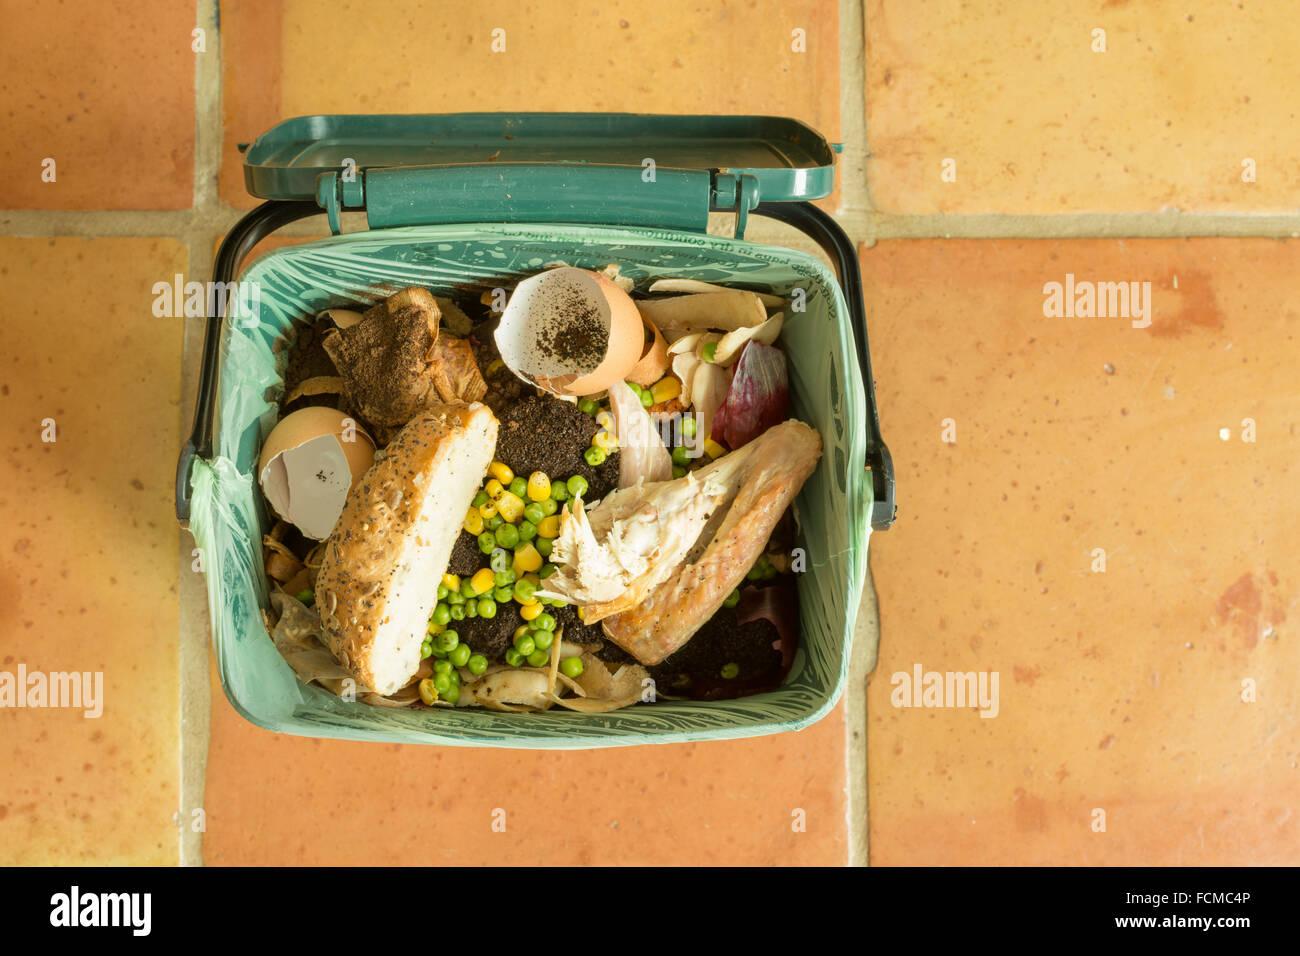 I rifiuti alimentari - coperta di riciclo alimentare caddy piena di rifiuti di cucina con carne e pane Immagini Stock